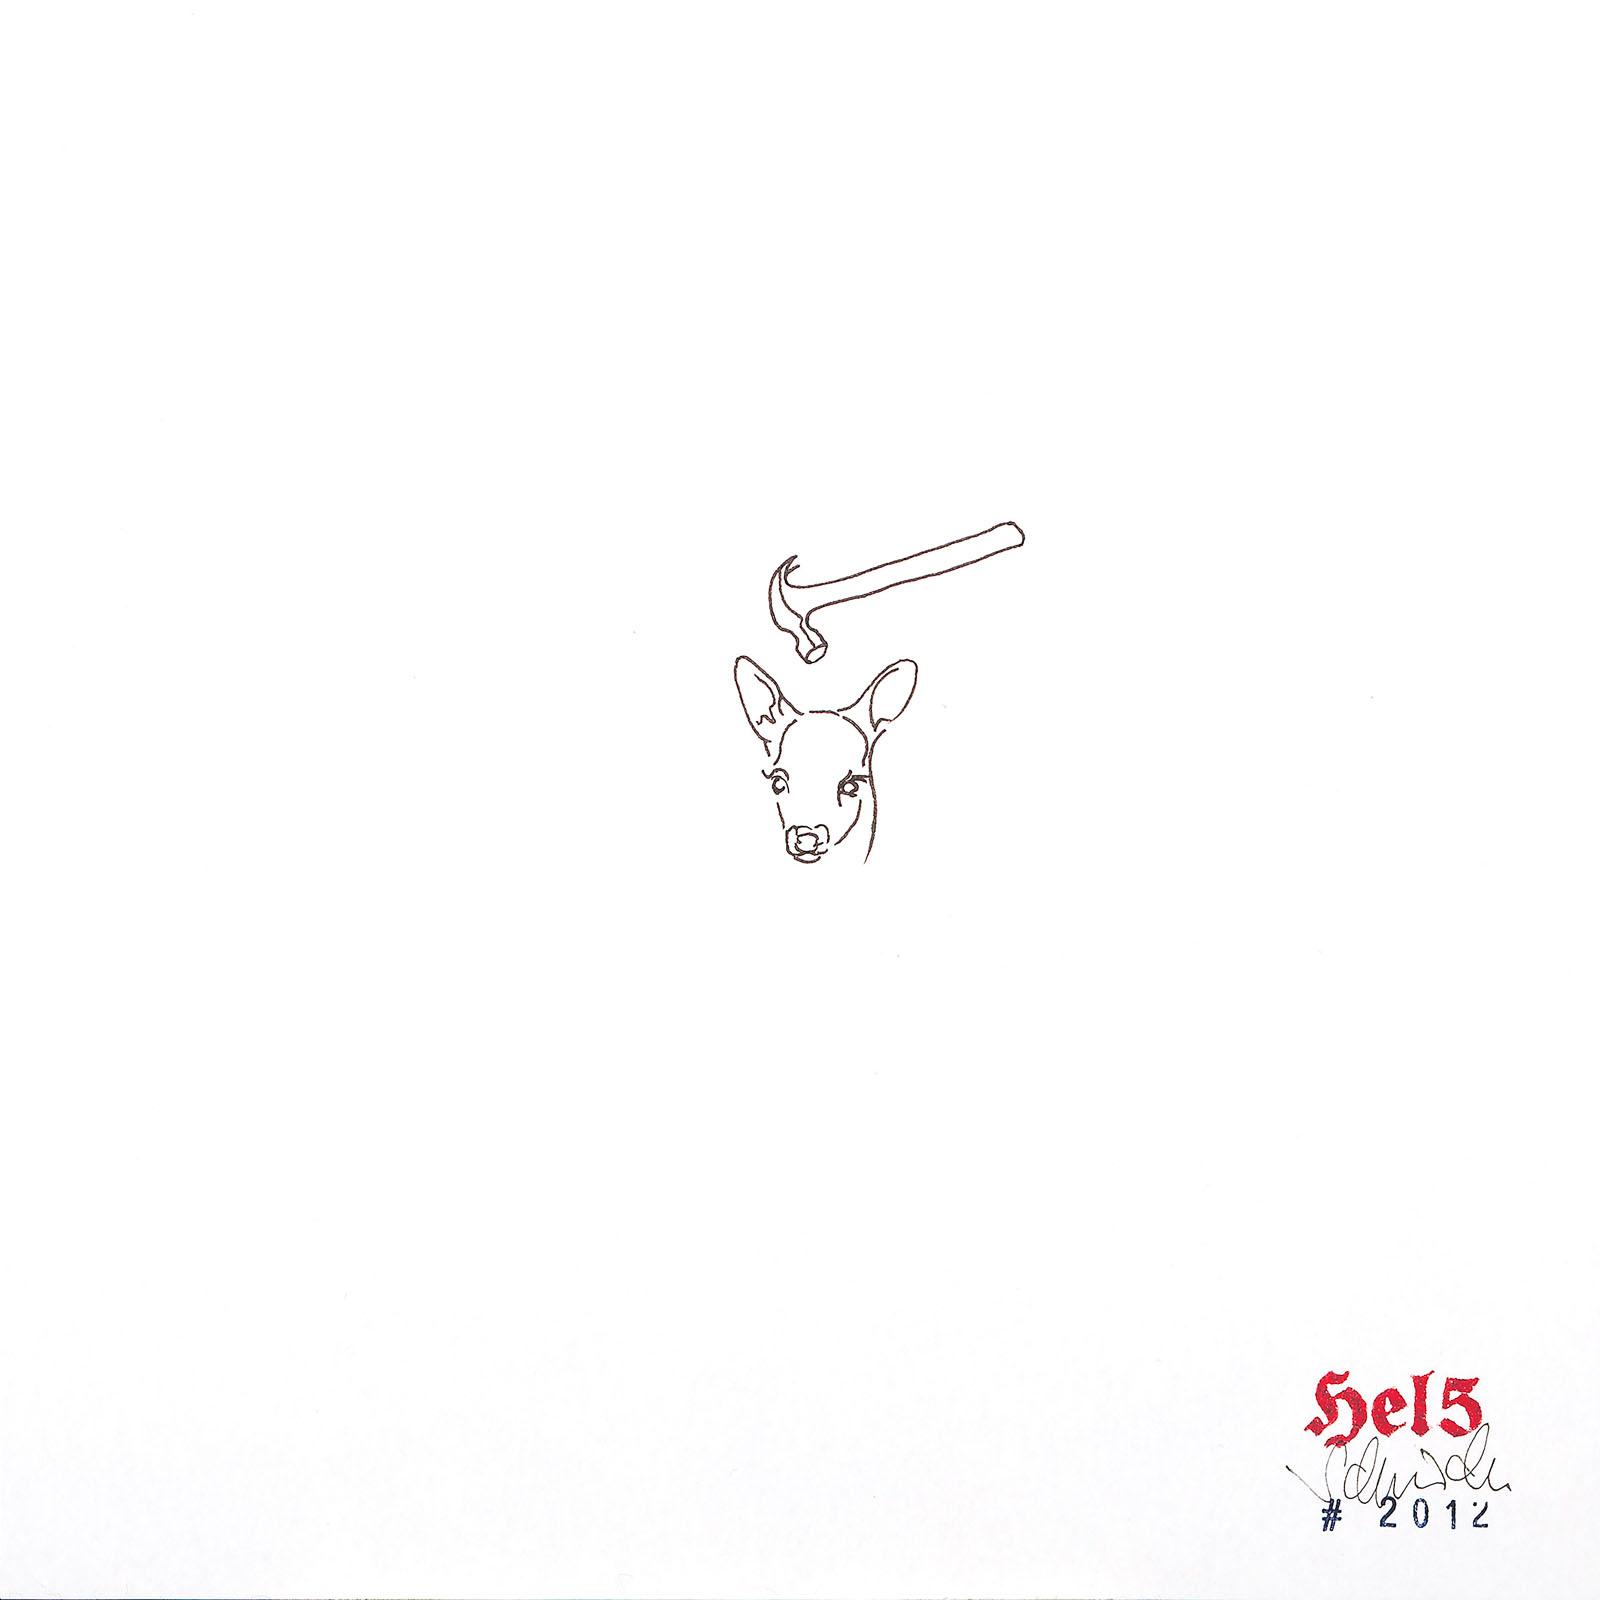 """o.T. aus """"Radical Ink"""", 2012, 25 x 25 cm, Tusche und Stempelfarbe auf Papier"""